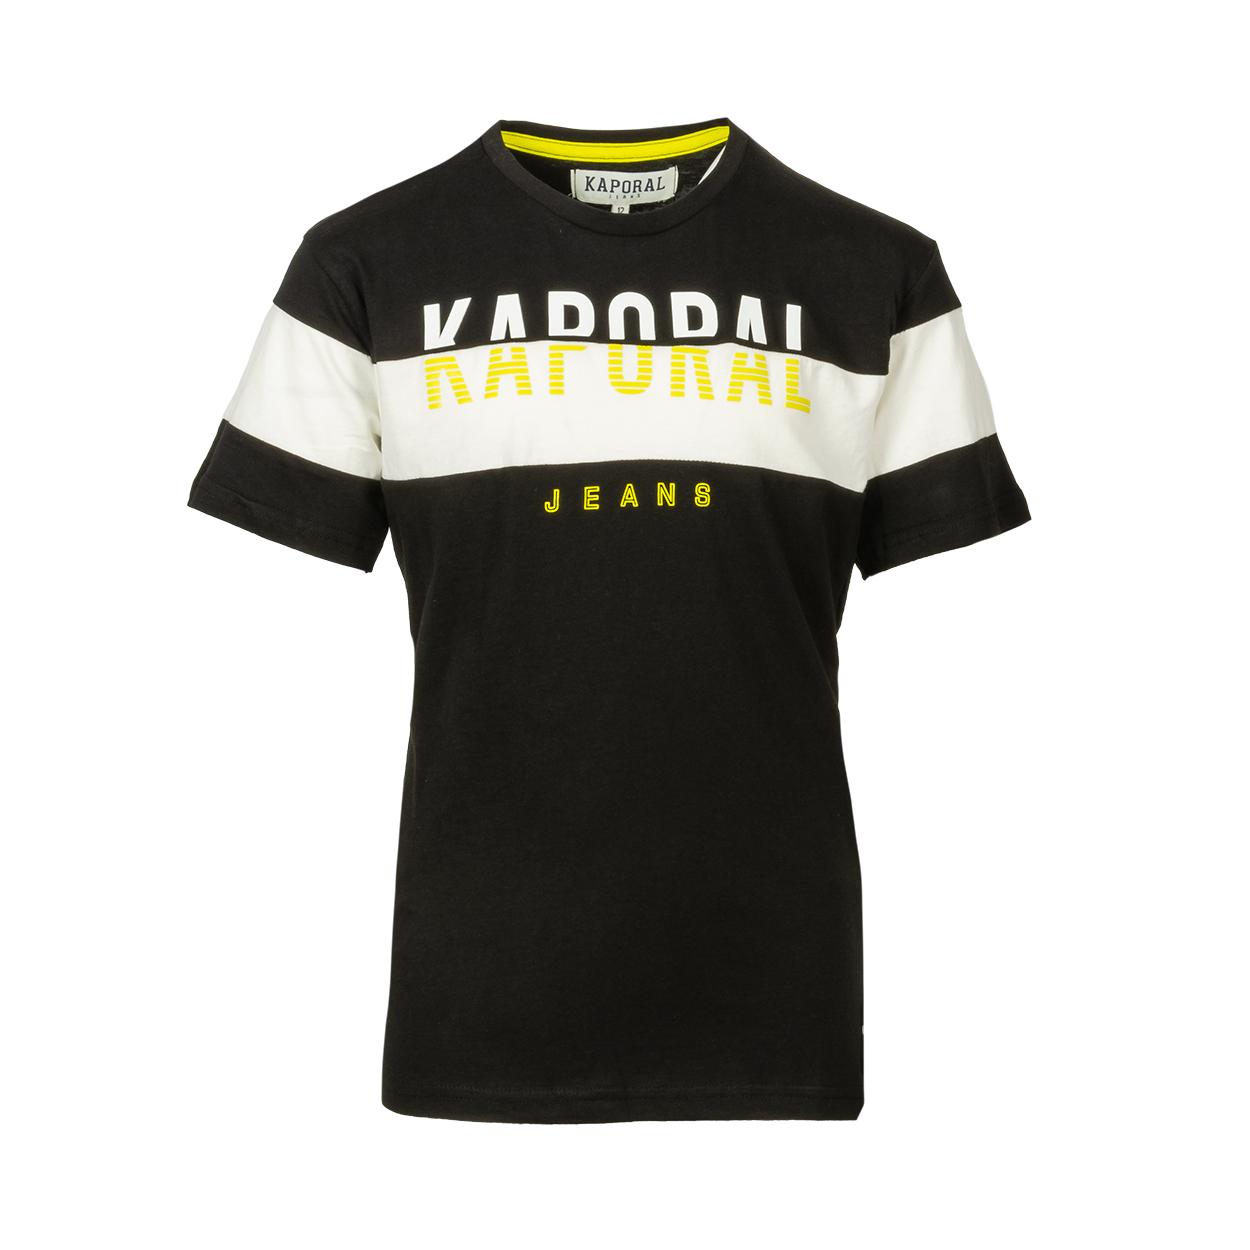 Tee-shirt col rond kaporal onilo en coton noir imprimé blanc et jaune